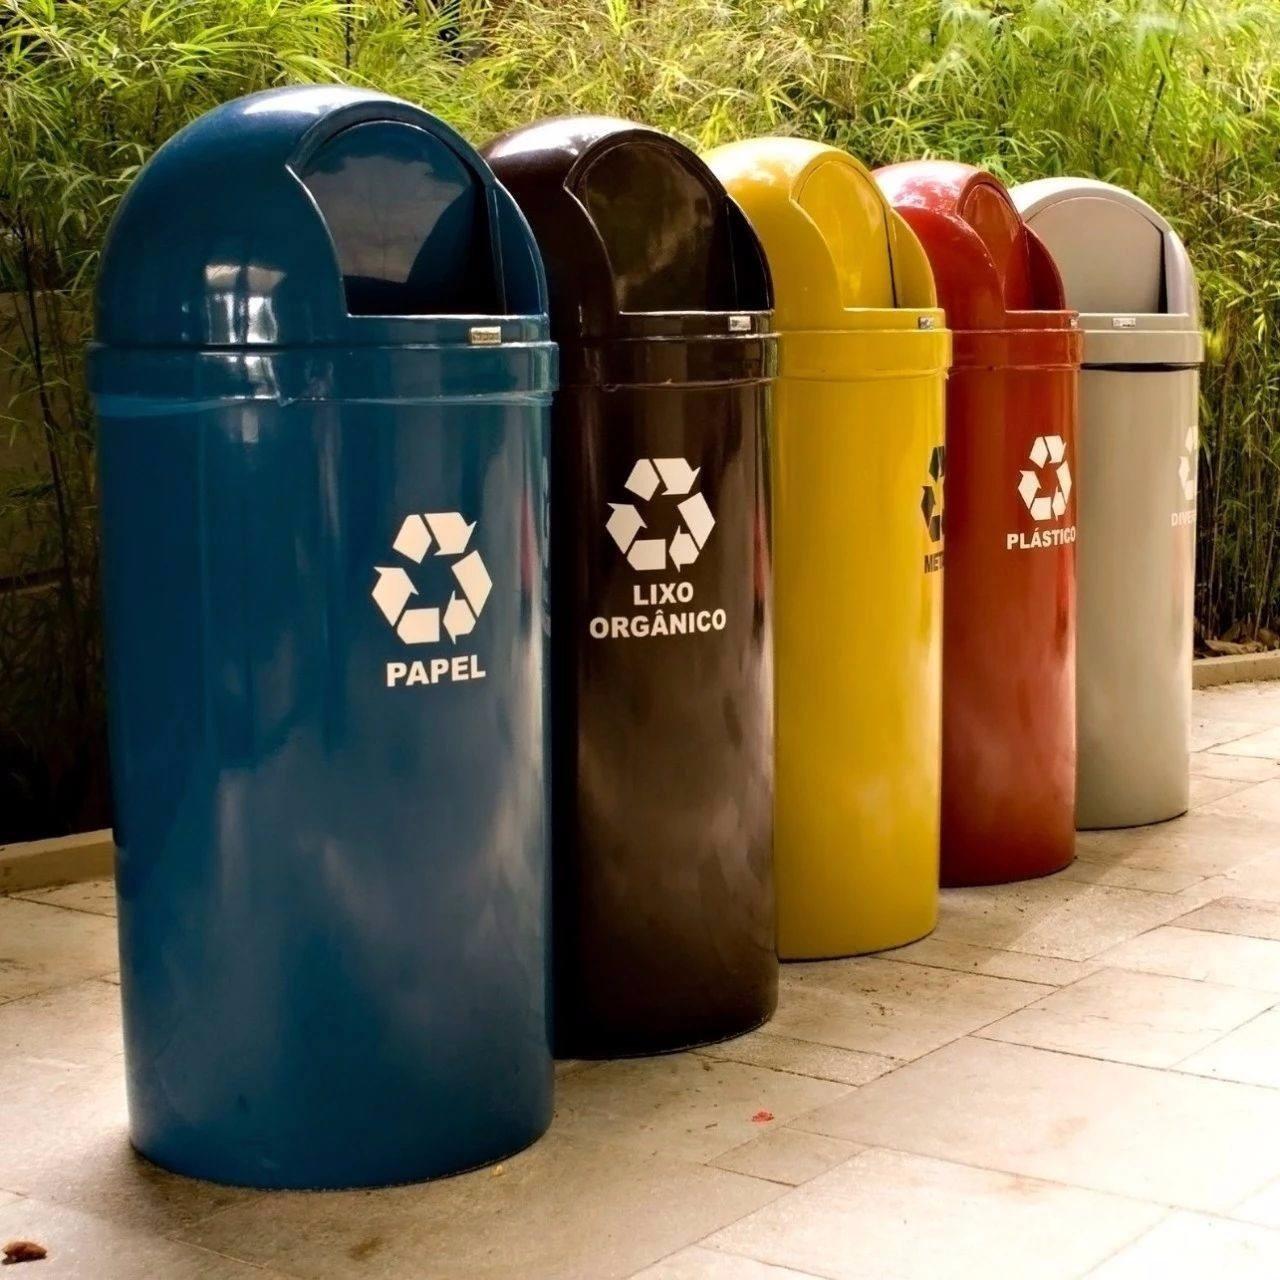 云南省发布加快推进城市生活垃圾分类工作实施方案 城